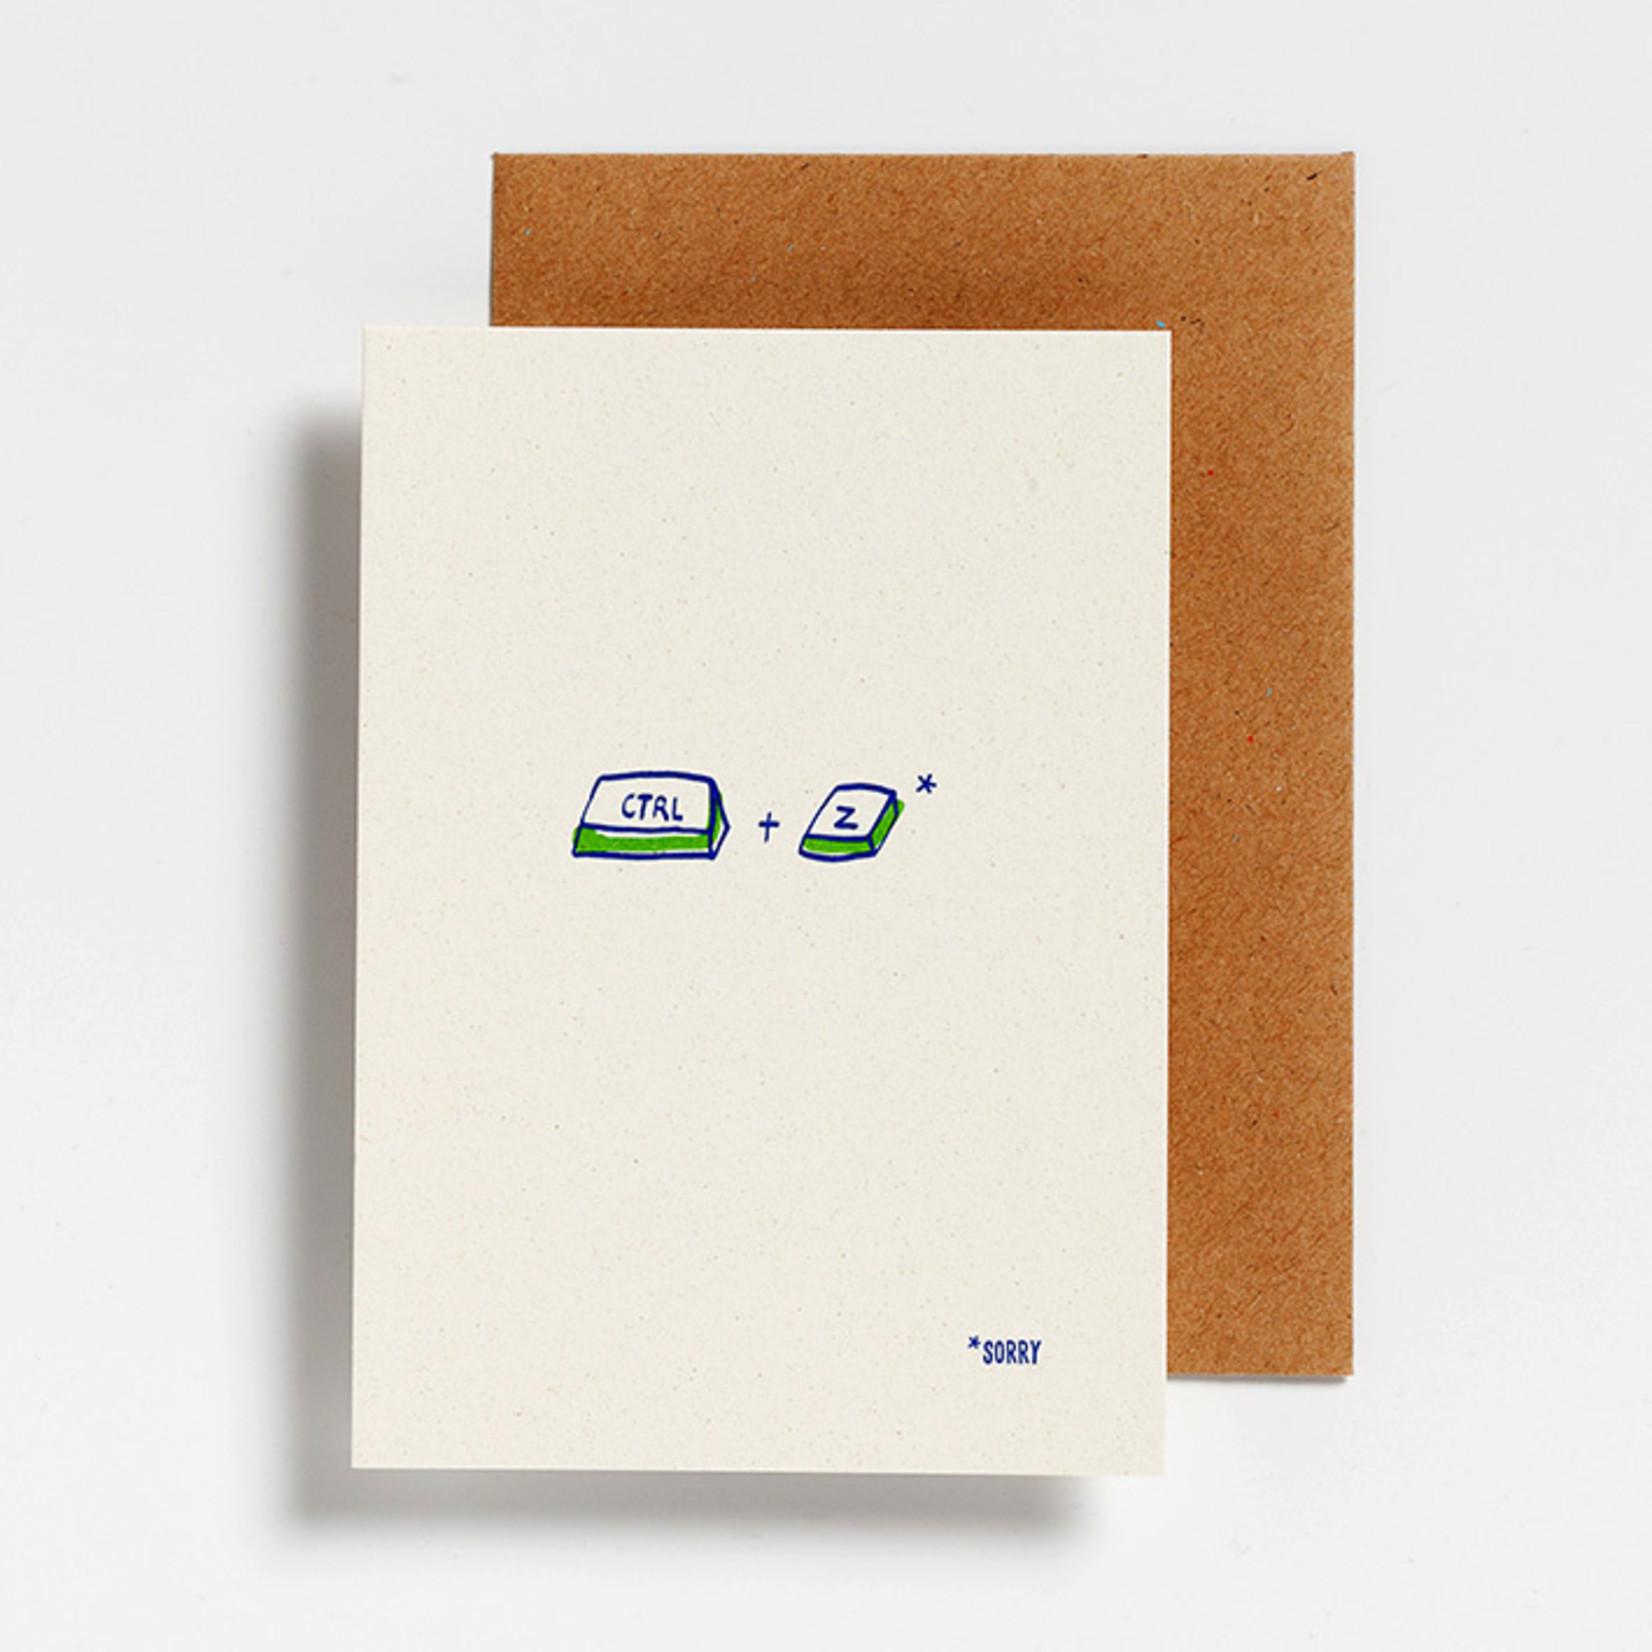 Postkaart - CTRL + Z sorry